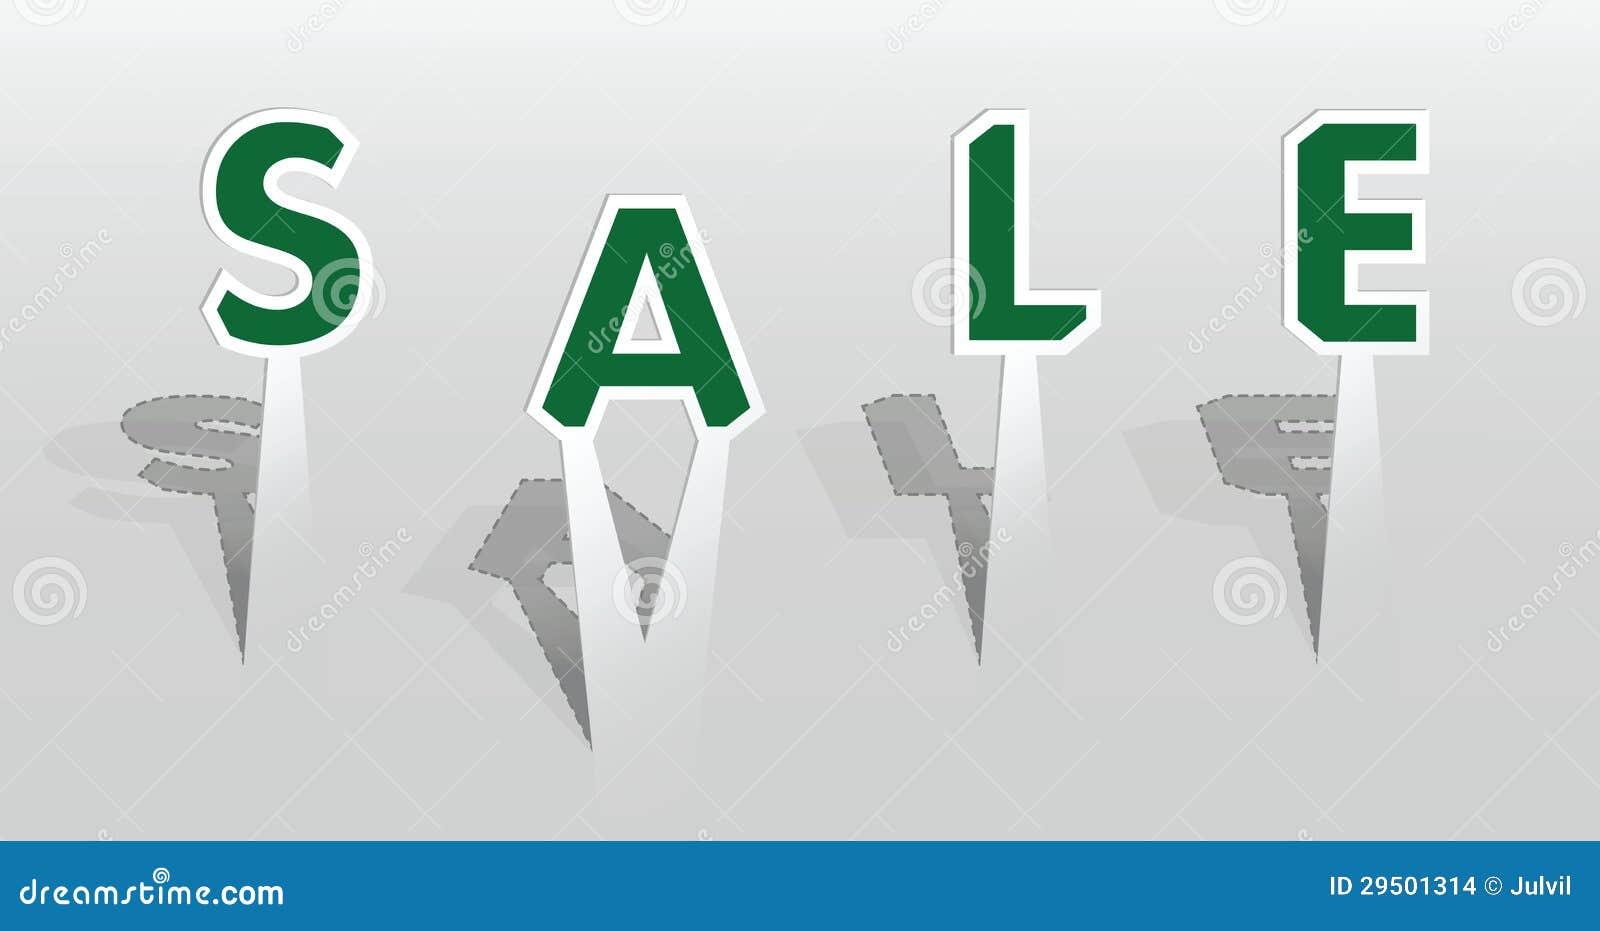 Illustratie van verkoopwoord